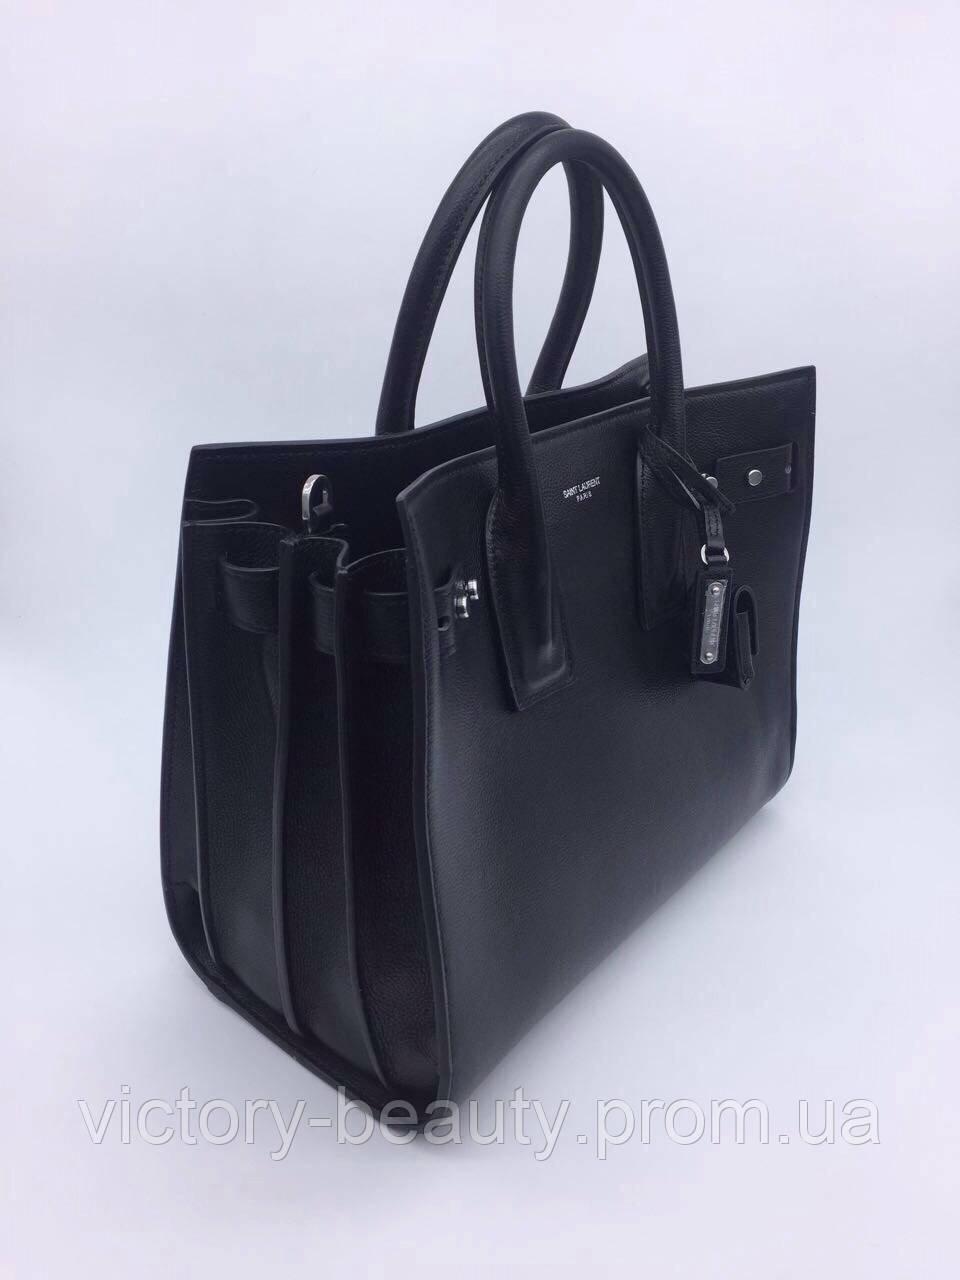 9d92272a2922 Сумка копия люкс Yves Saint Laurent  продажа, цена в Харькове ...